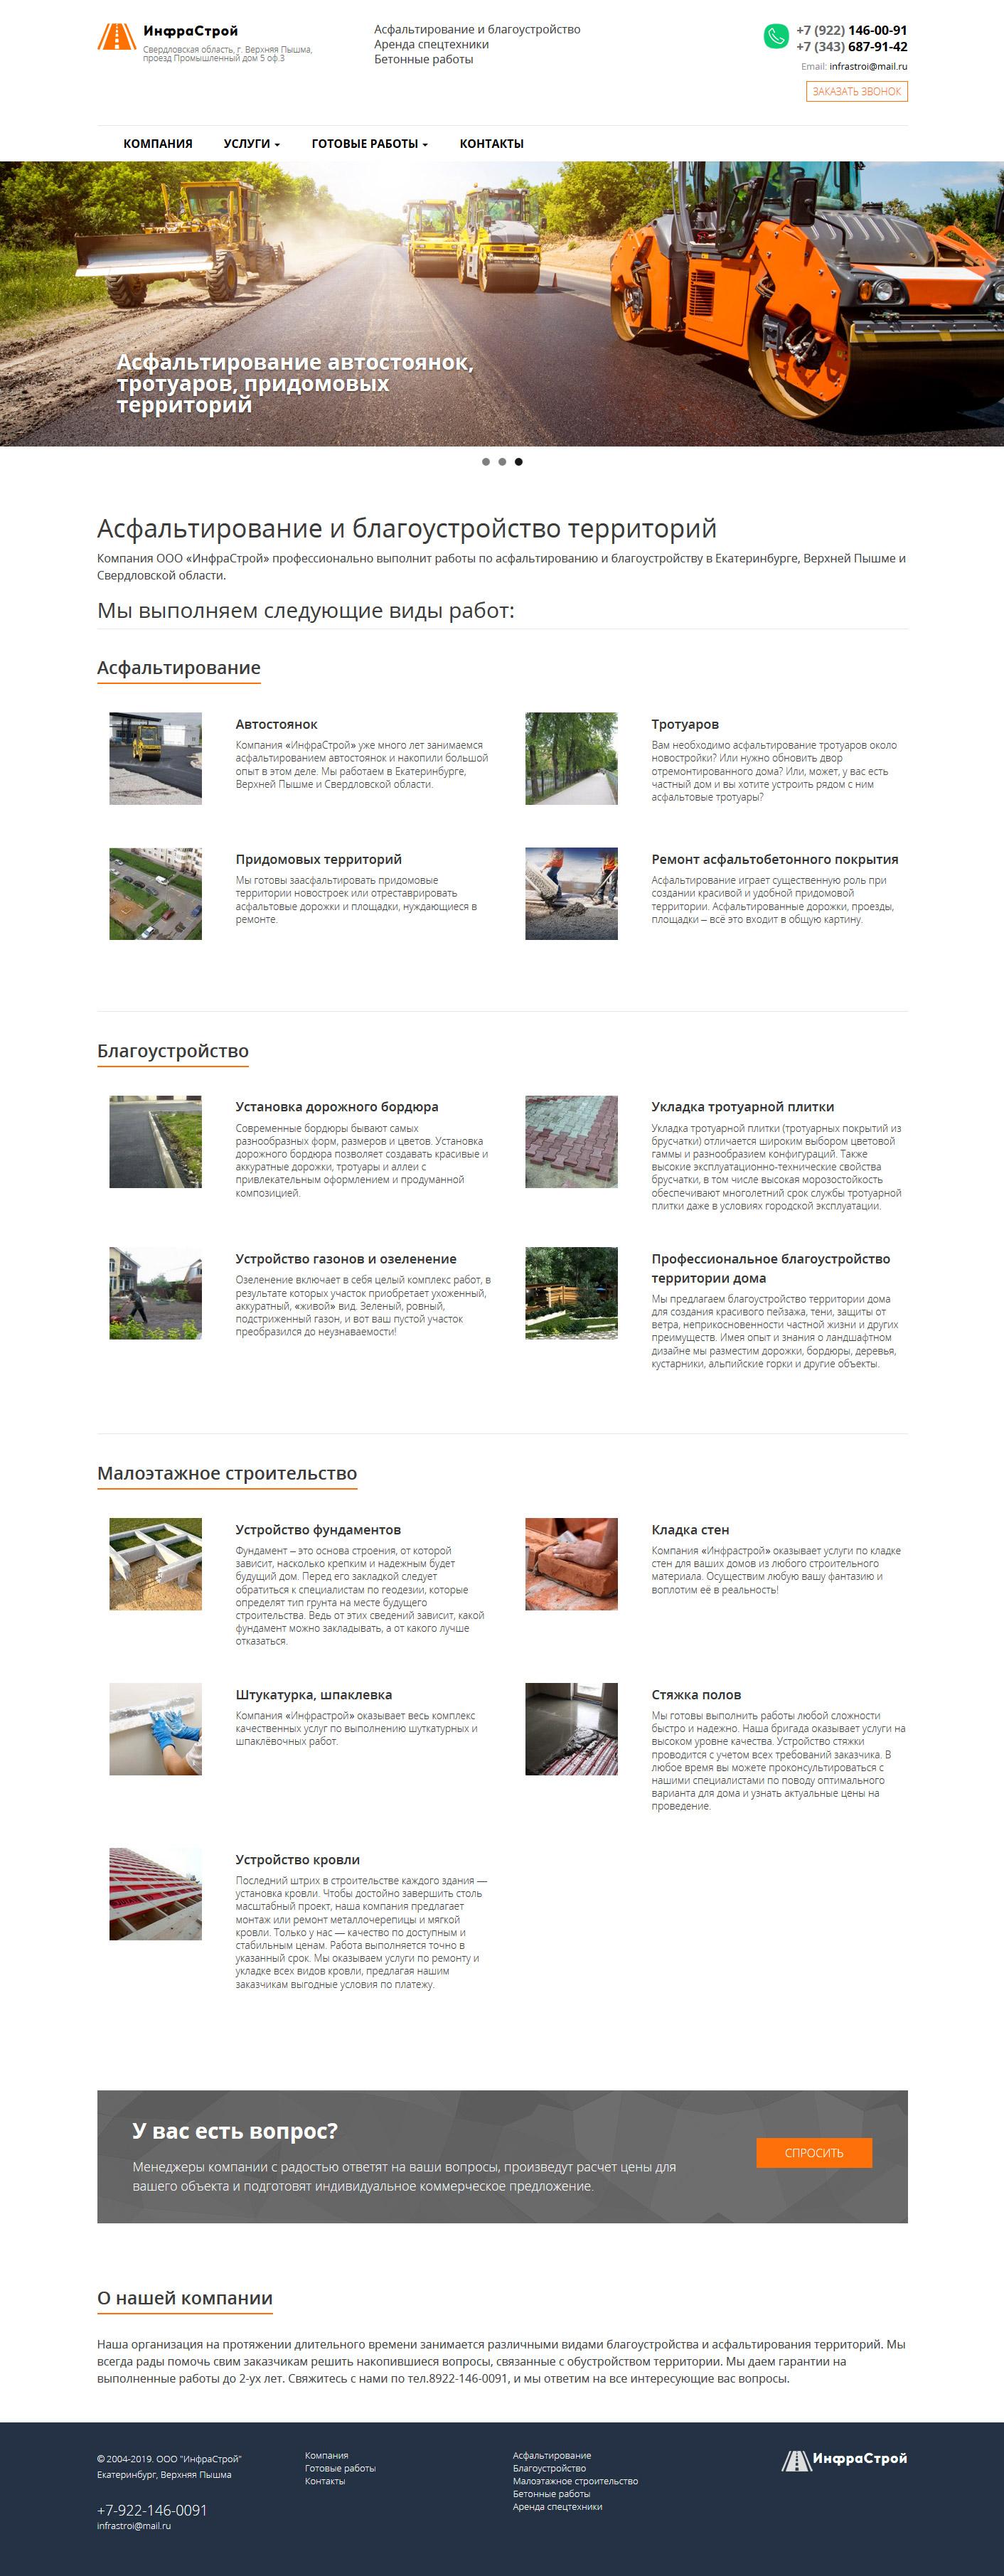 Пример дизайна сайта Инфрастрой